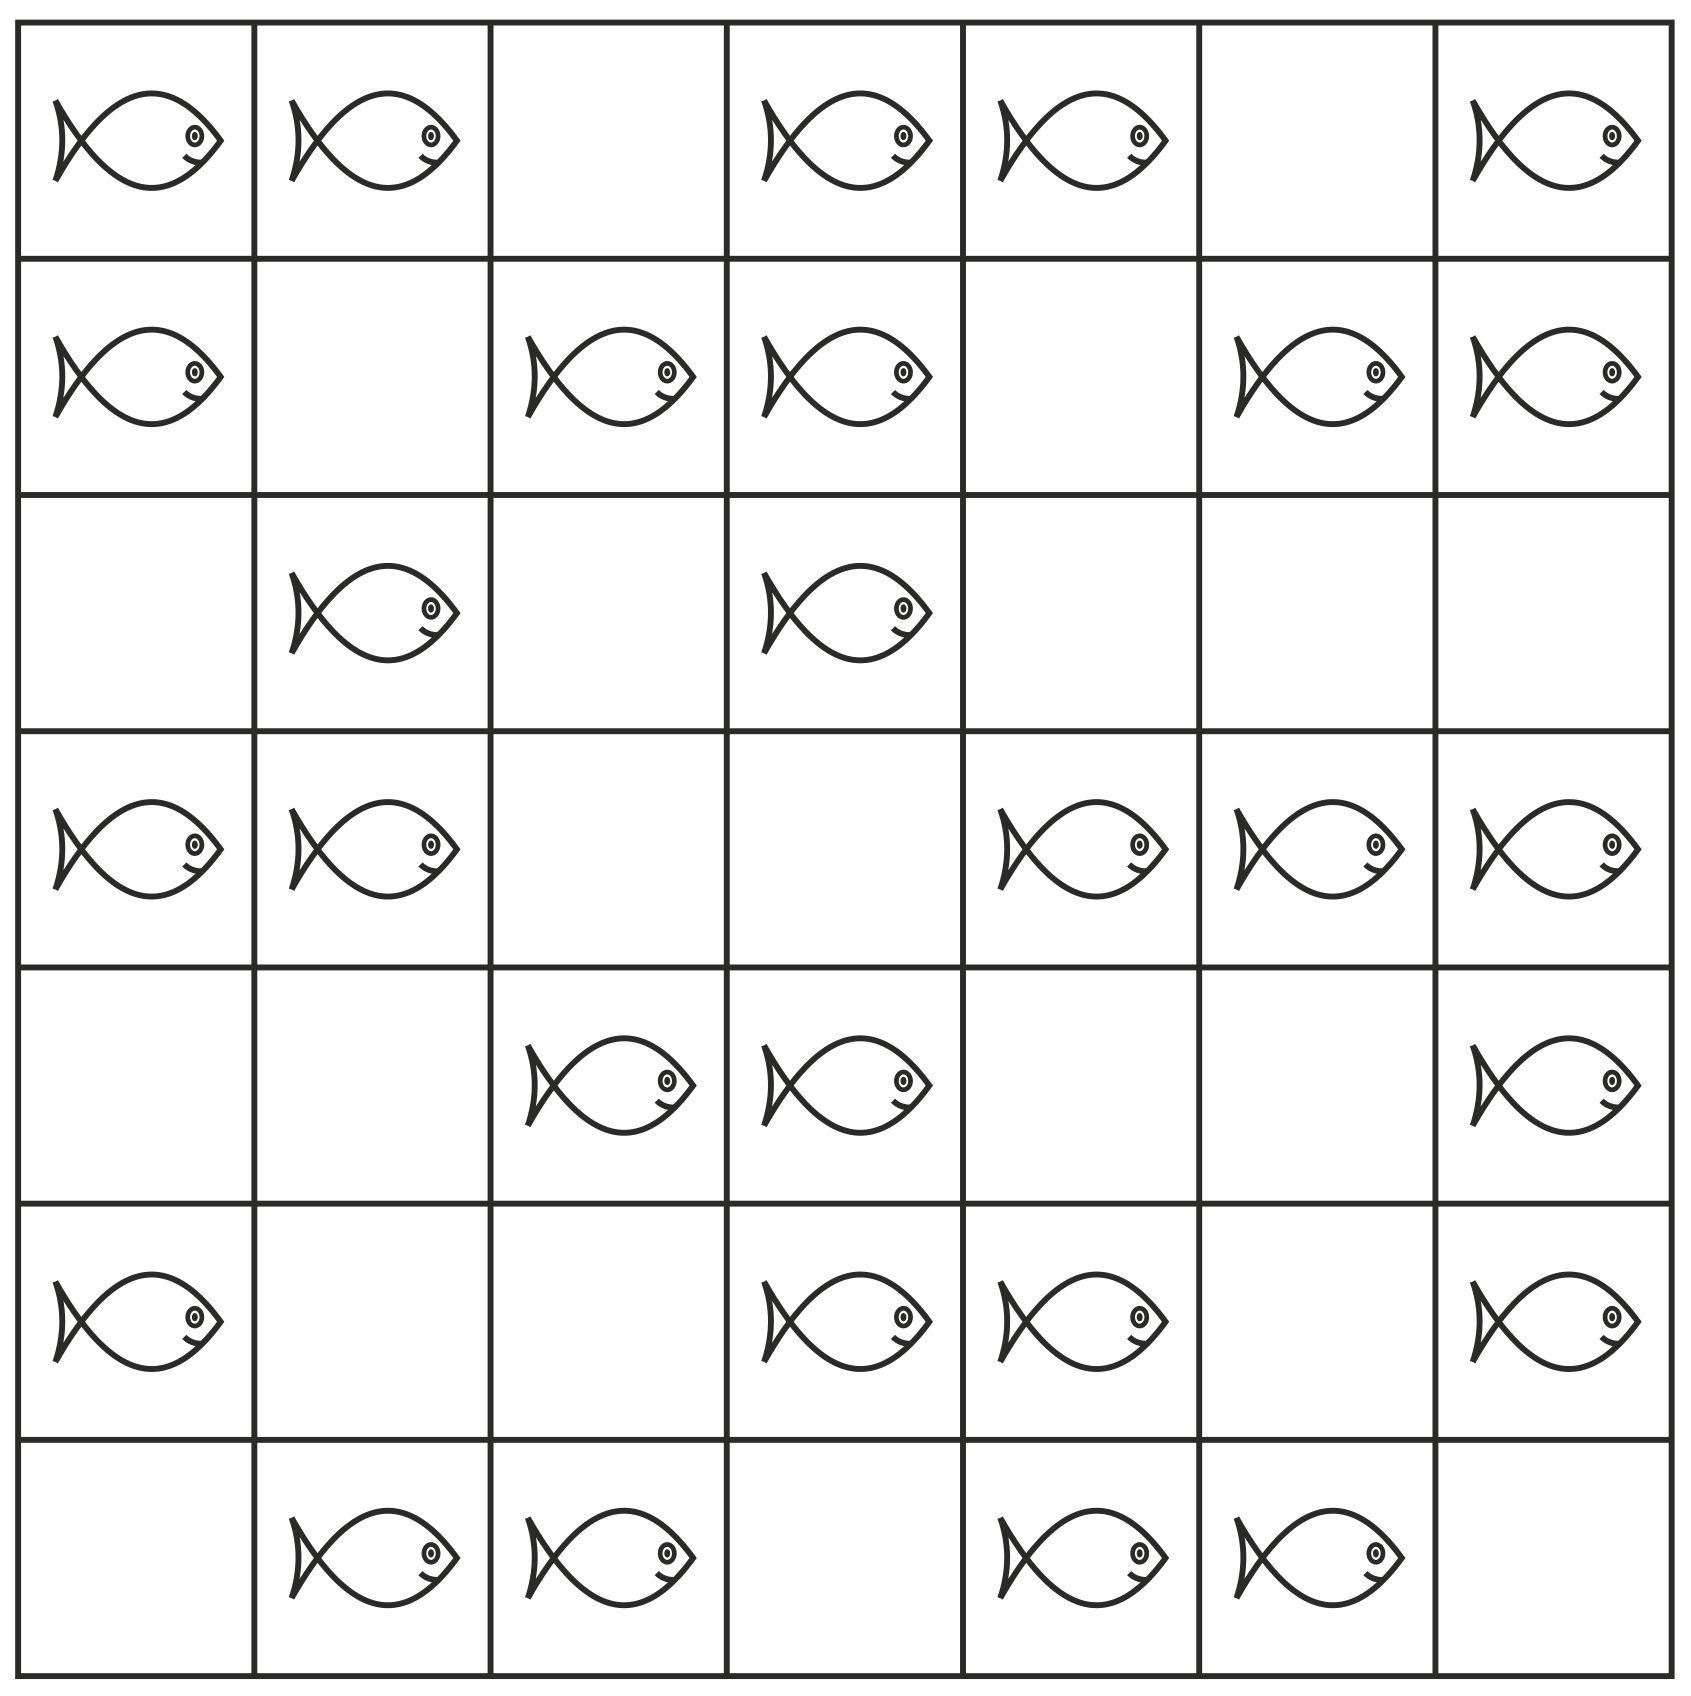 b19ea43d0 Za správné řešení s nejmenším počtem rybářů získáte 15 bodů, za každého  rybáře navíc získáte o 5 bodů méně, nejhůře žádný bod.